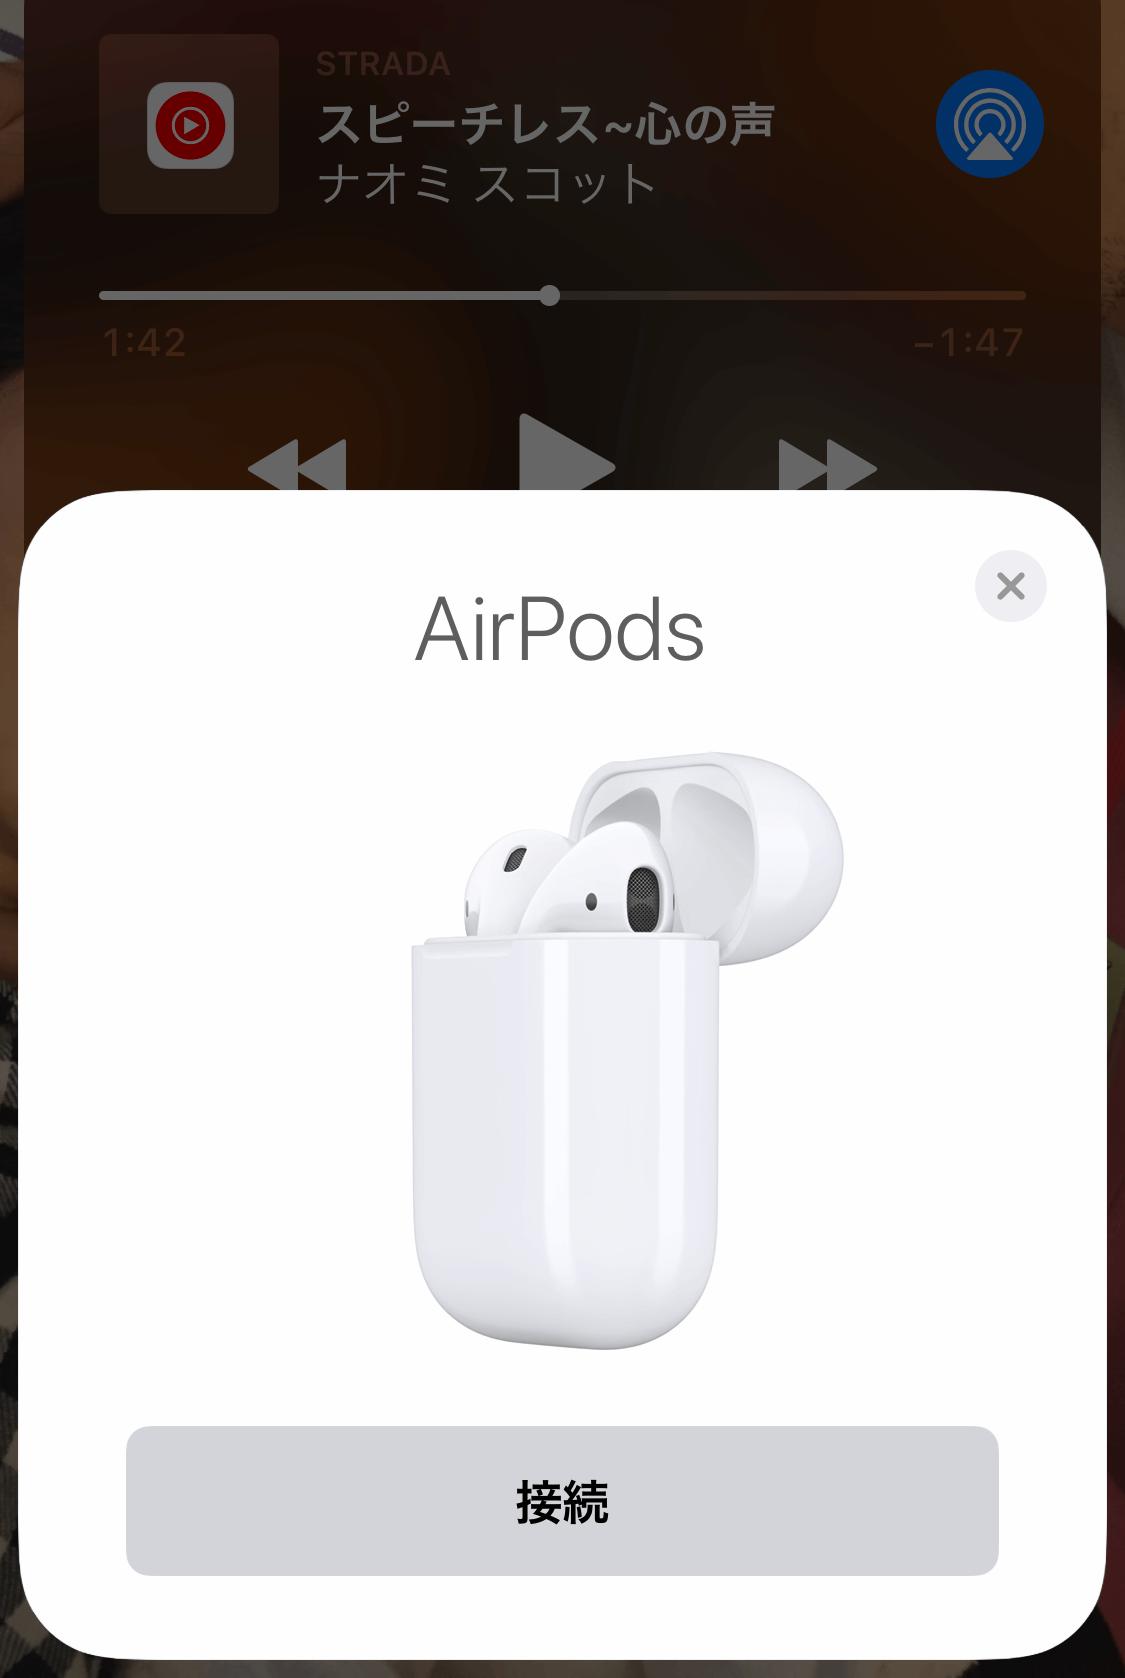 AirPodsが自動で認識される